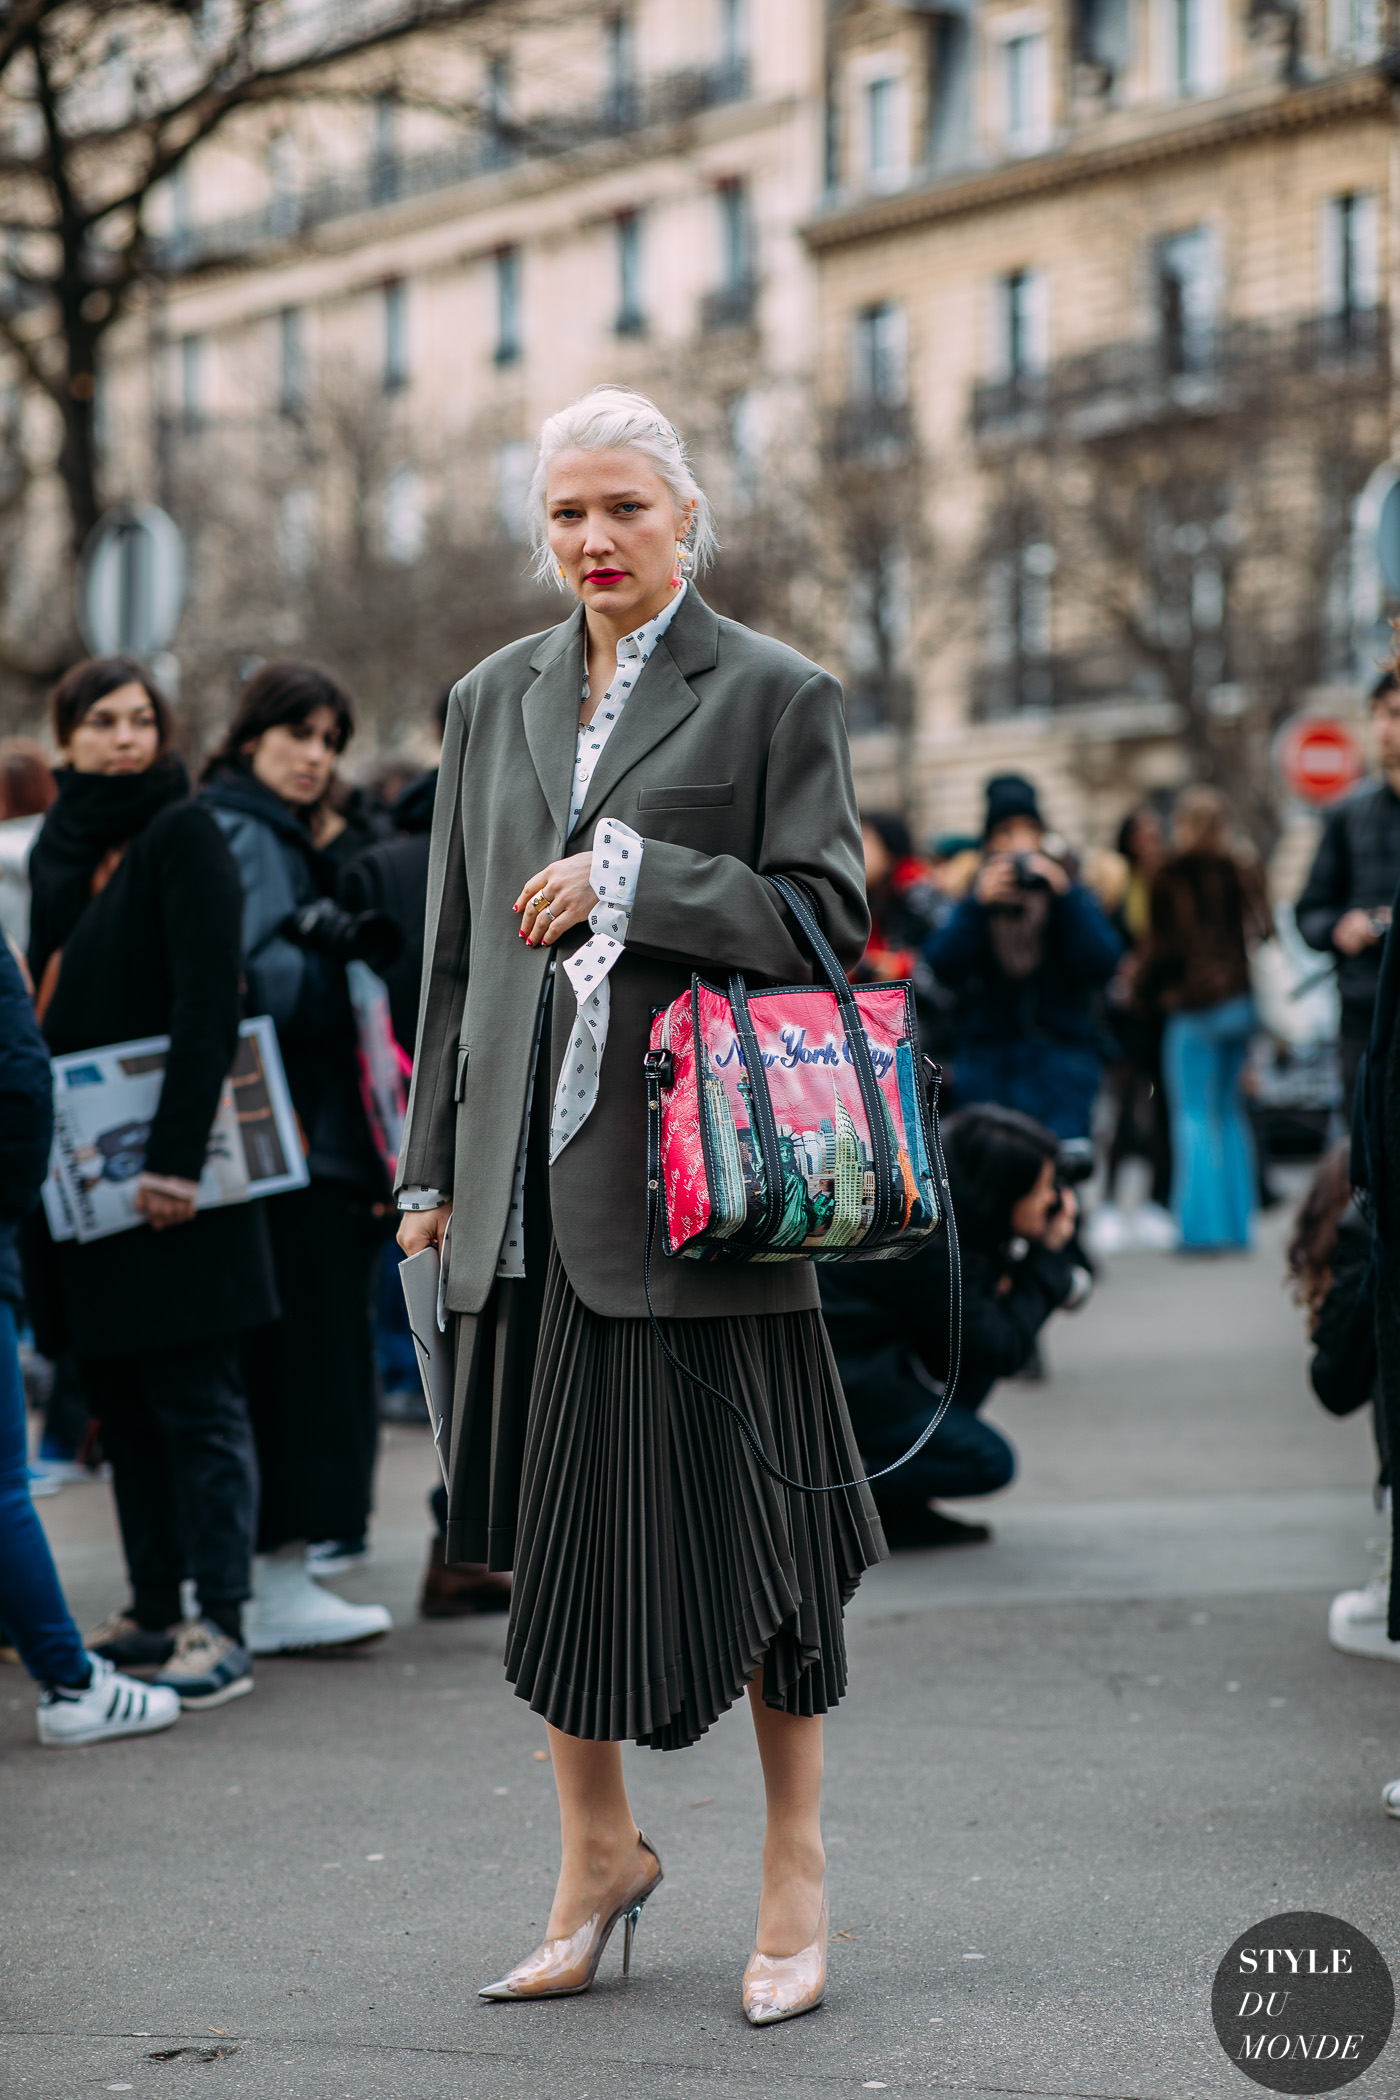 Lotta Volkova photo via Style du Monde